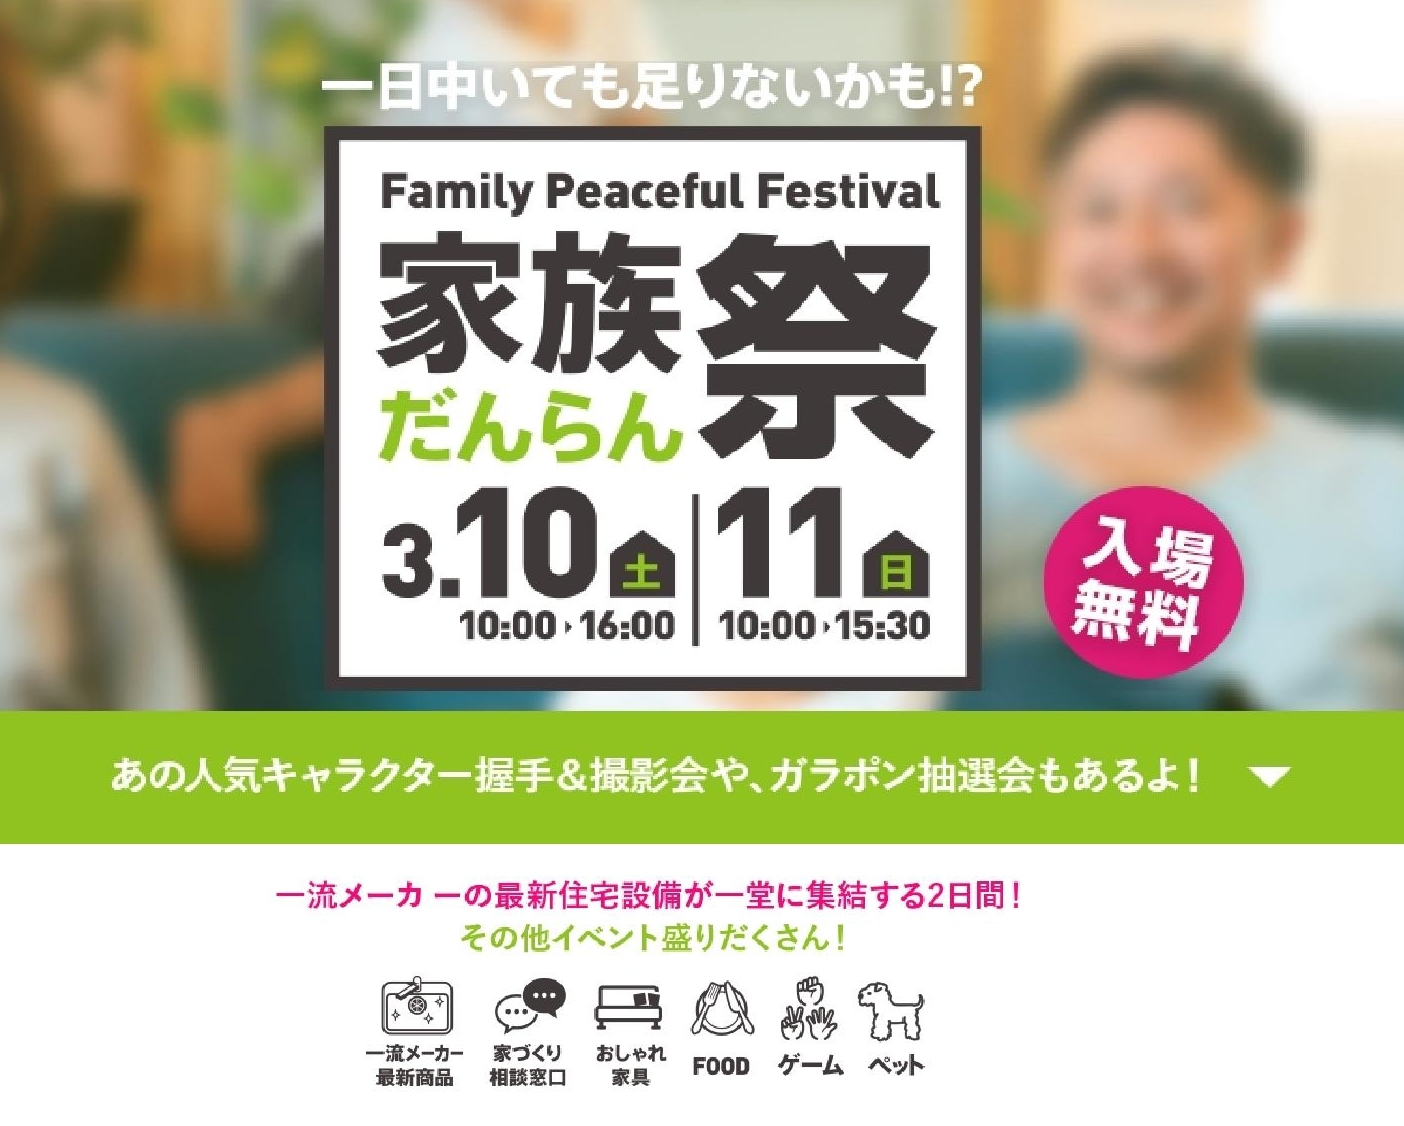 3/10(土)・11(日)家族だんらん祭 in テクノホール